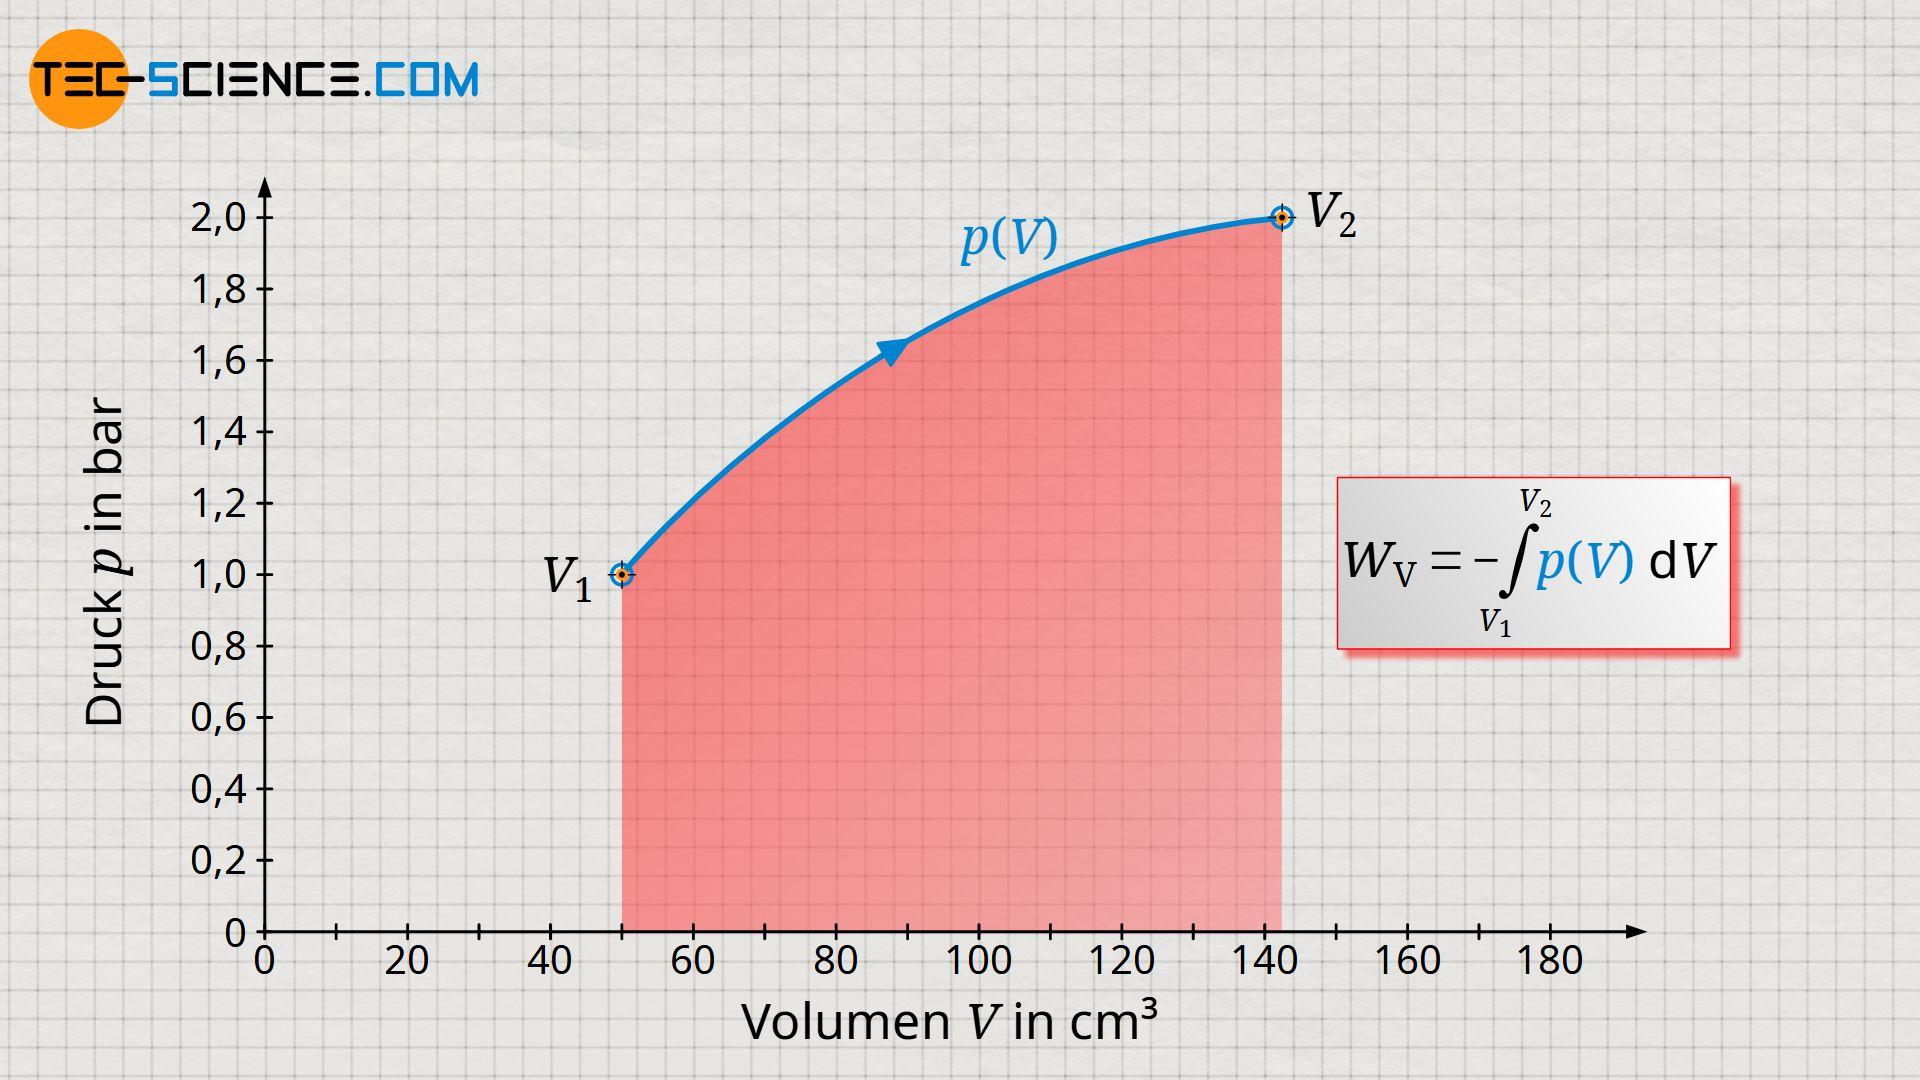 Berechnung der Volumenänderungsarbeit als Fläche unter der p(V)-Kurve